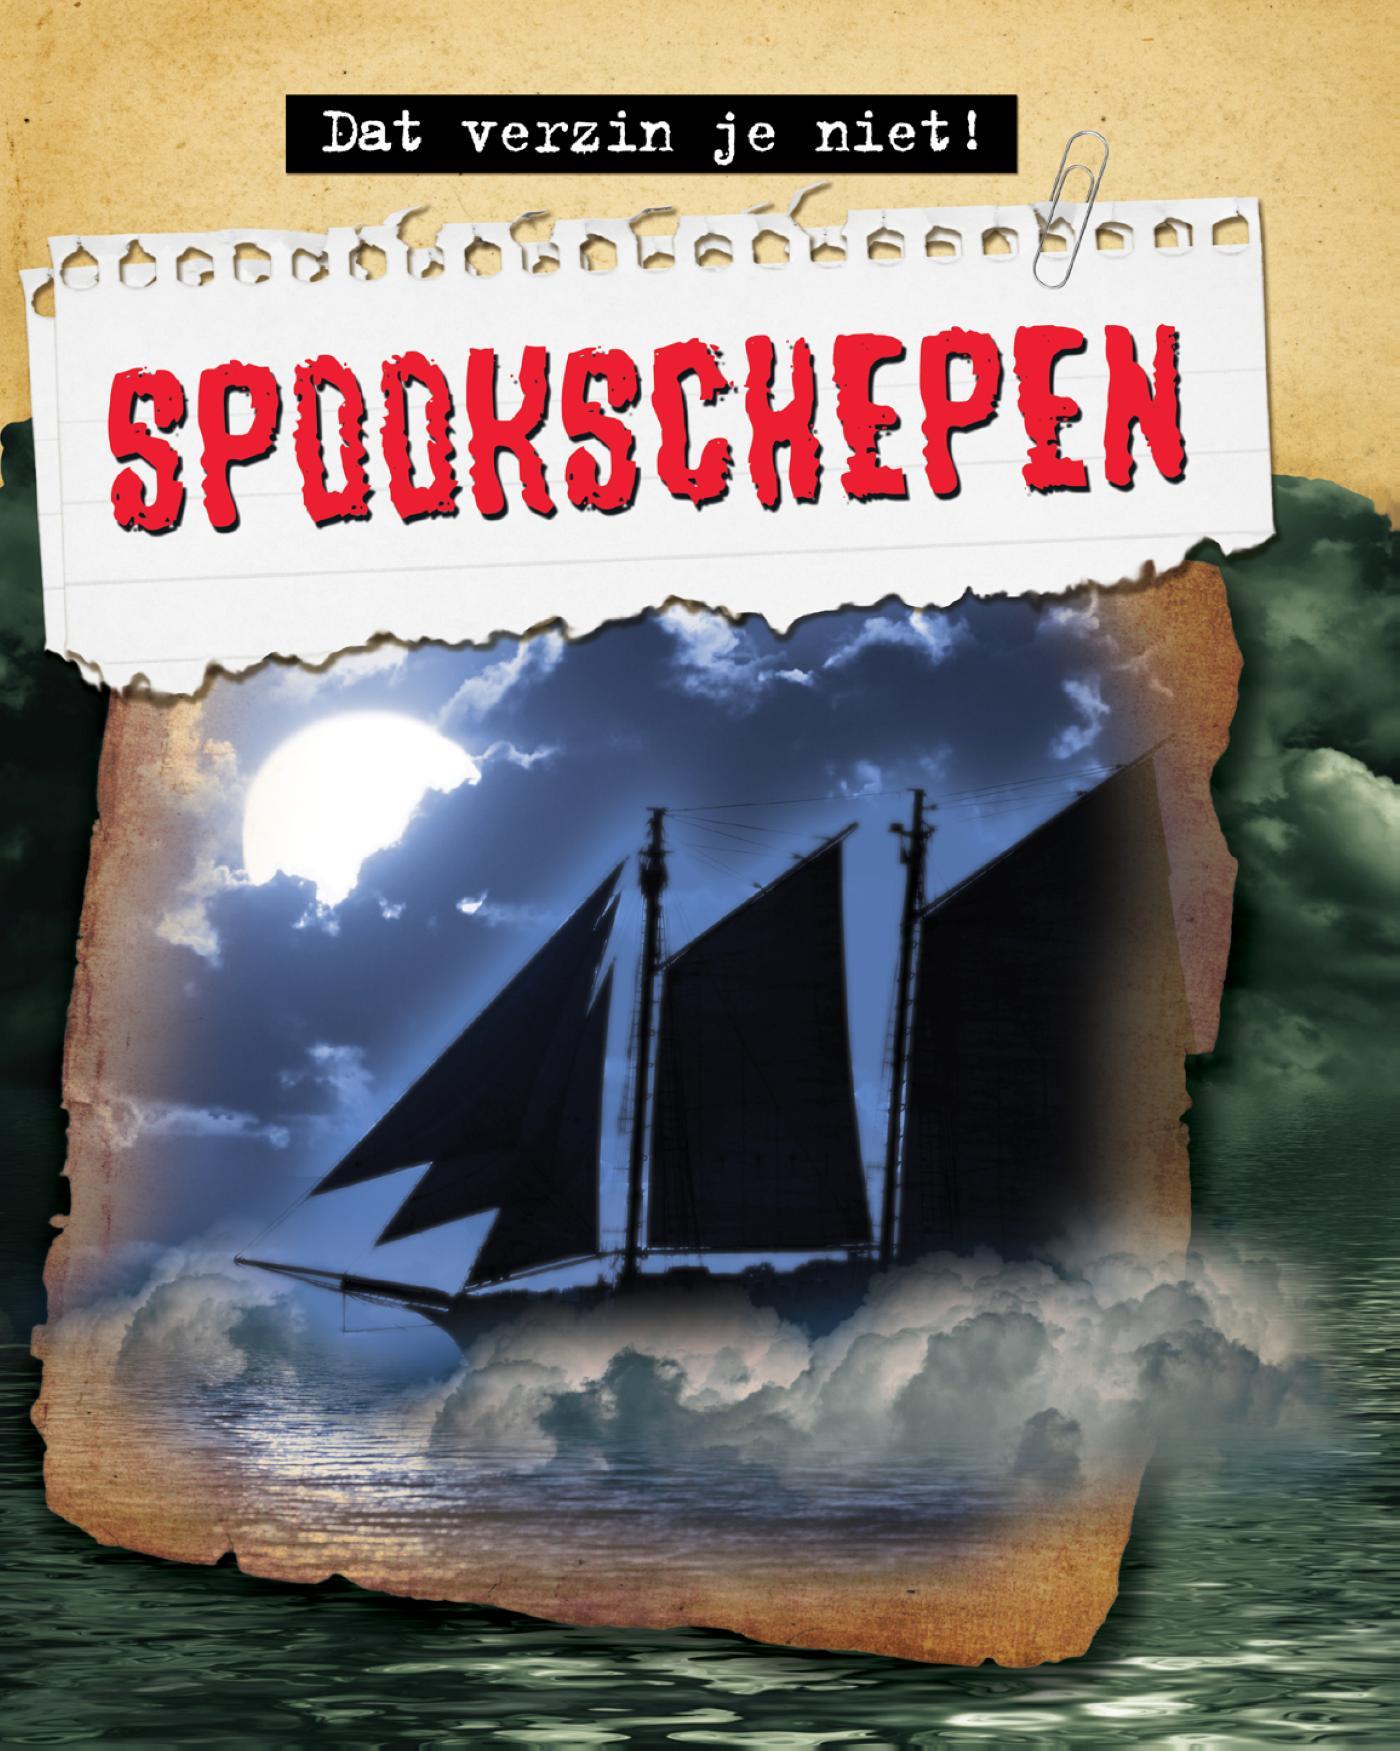 Spookschepen